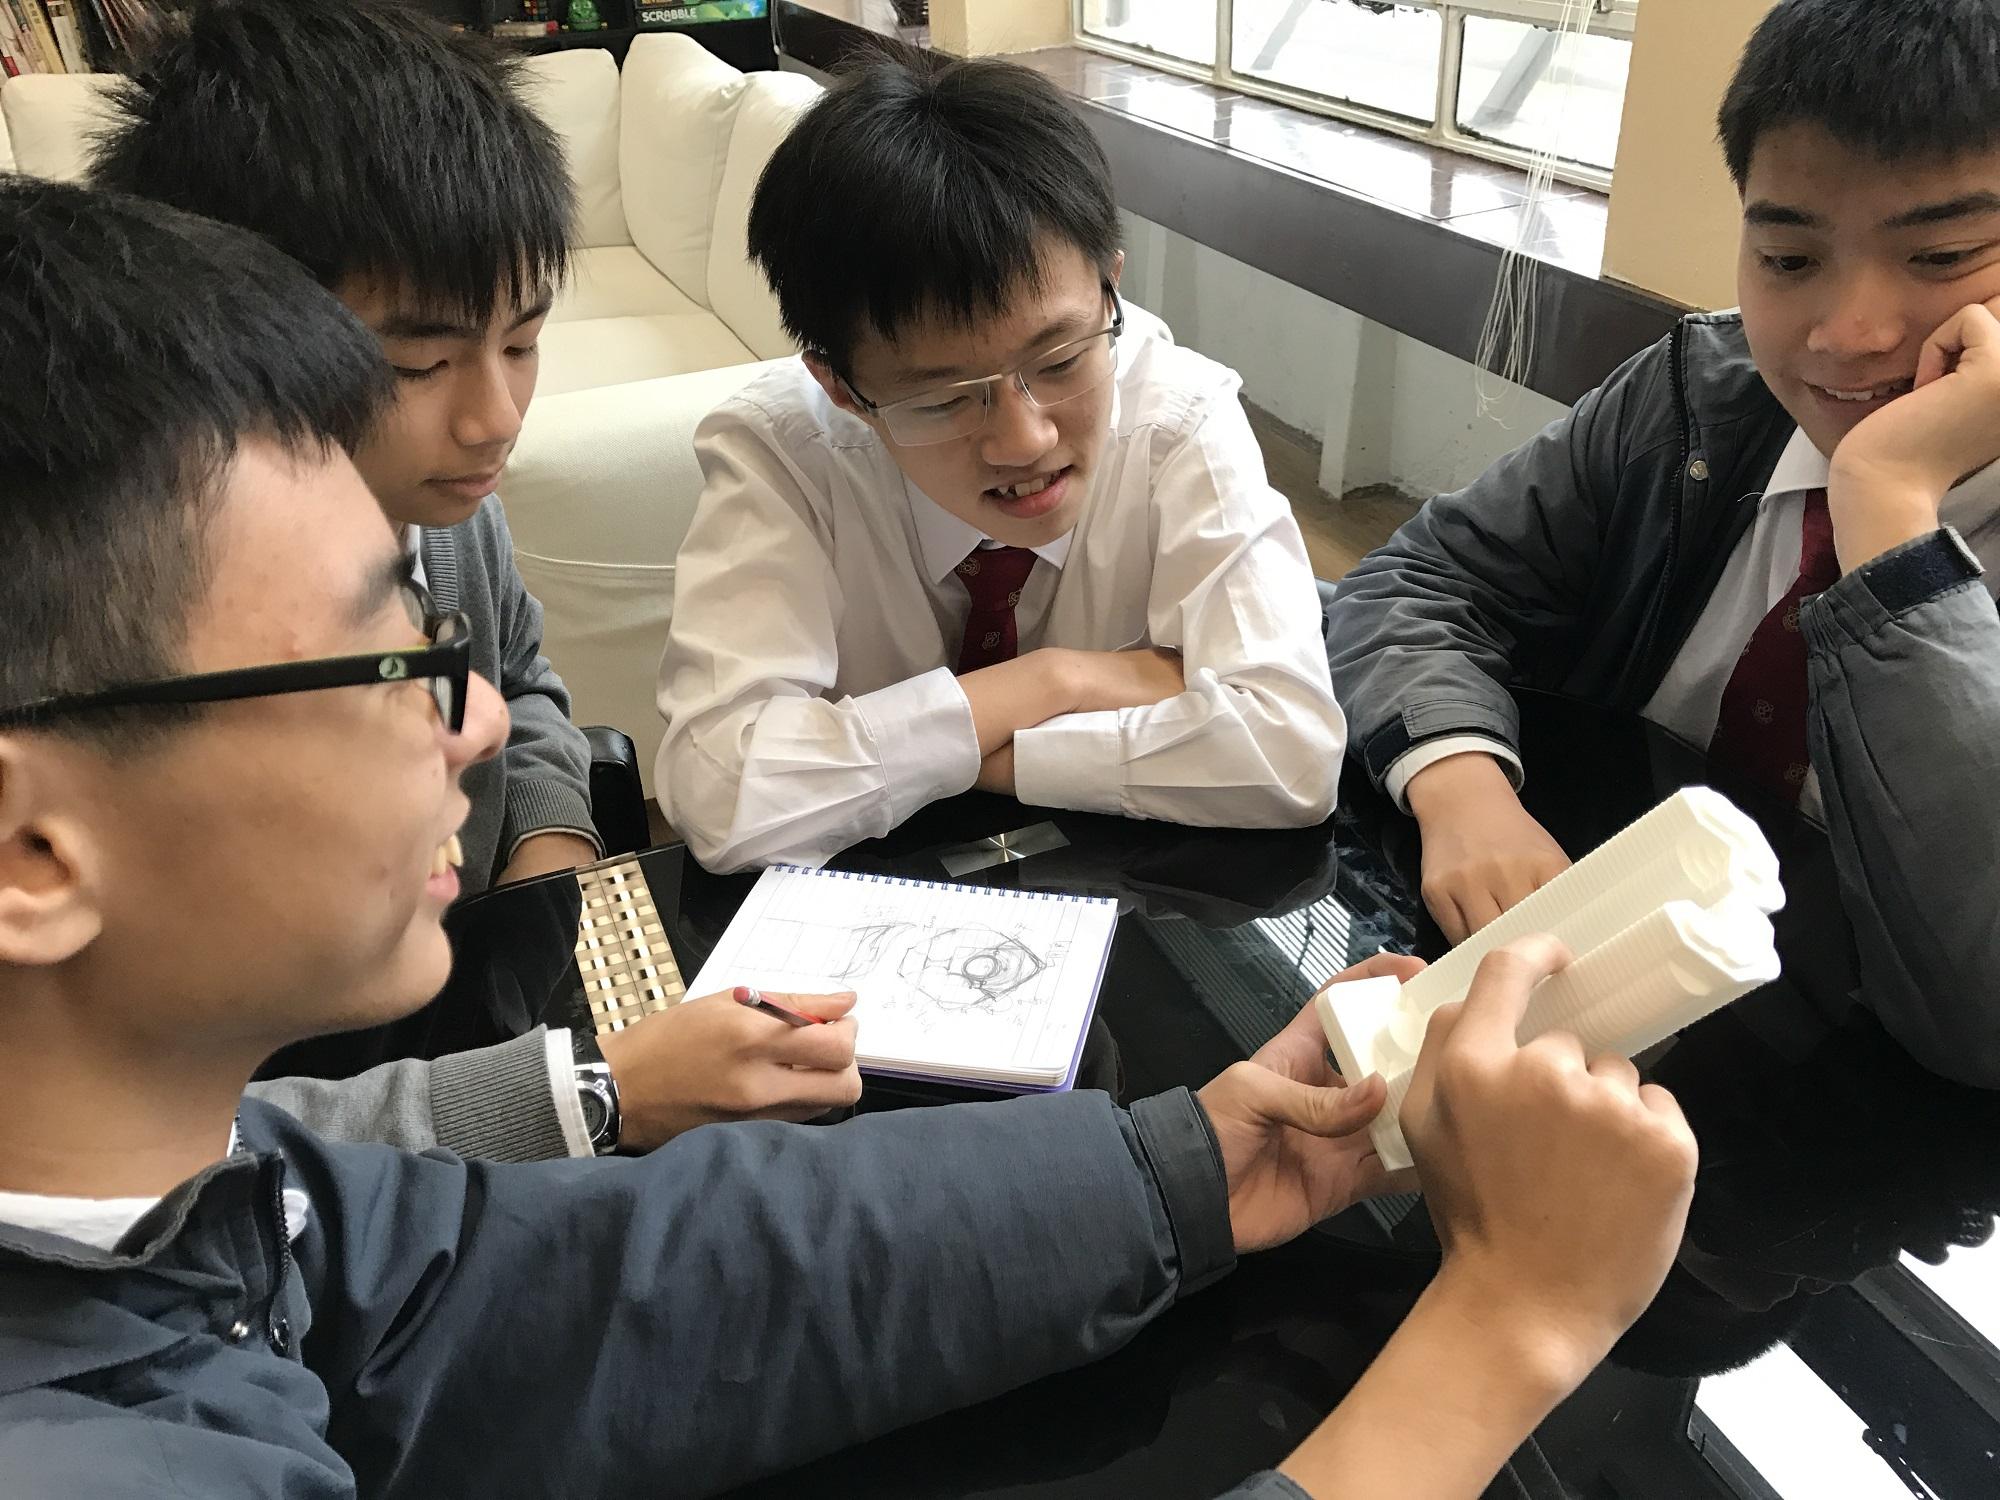 天主教慈幼會伍少梅中學的3D打印比賽銀獎 - 迷人的維港相片8